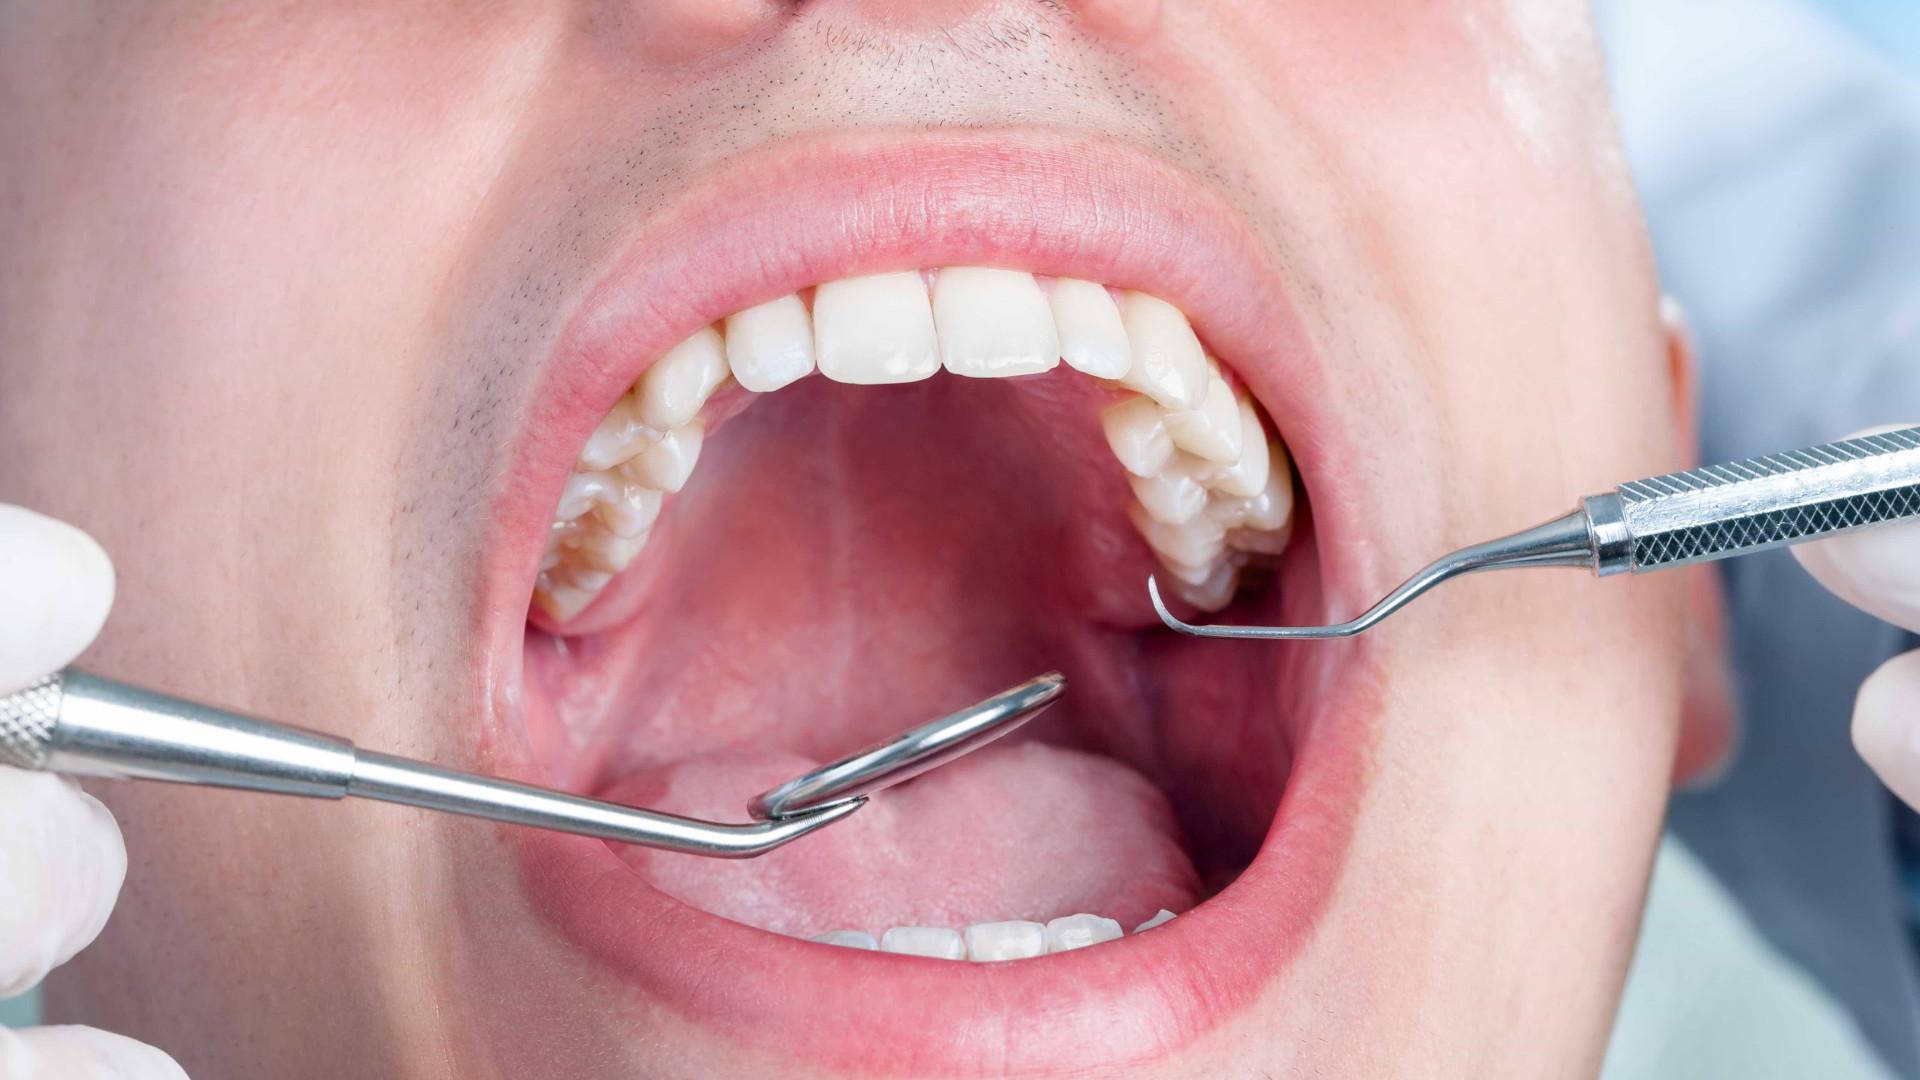 O dente do siso deve sempre ser retirado? Especialista explica